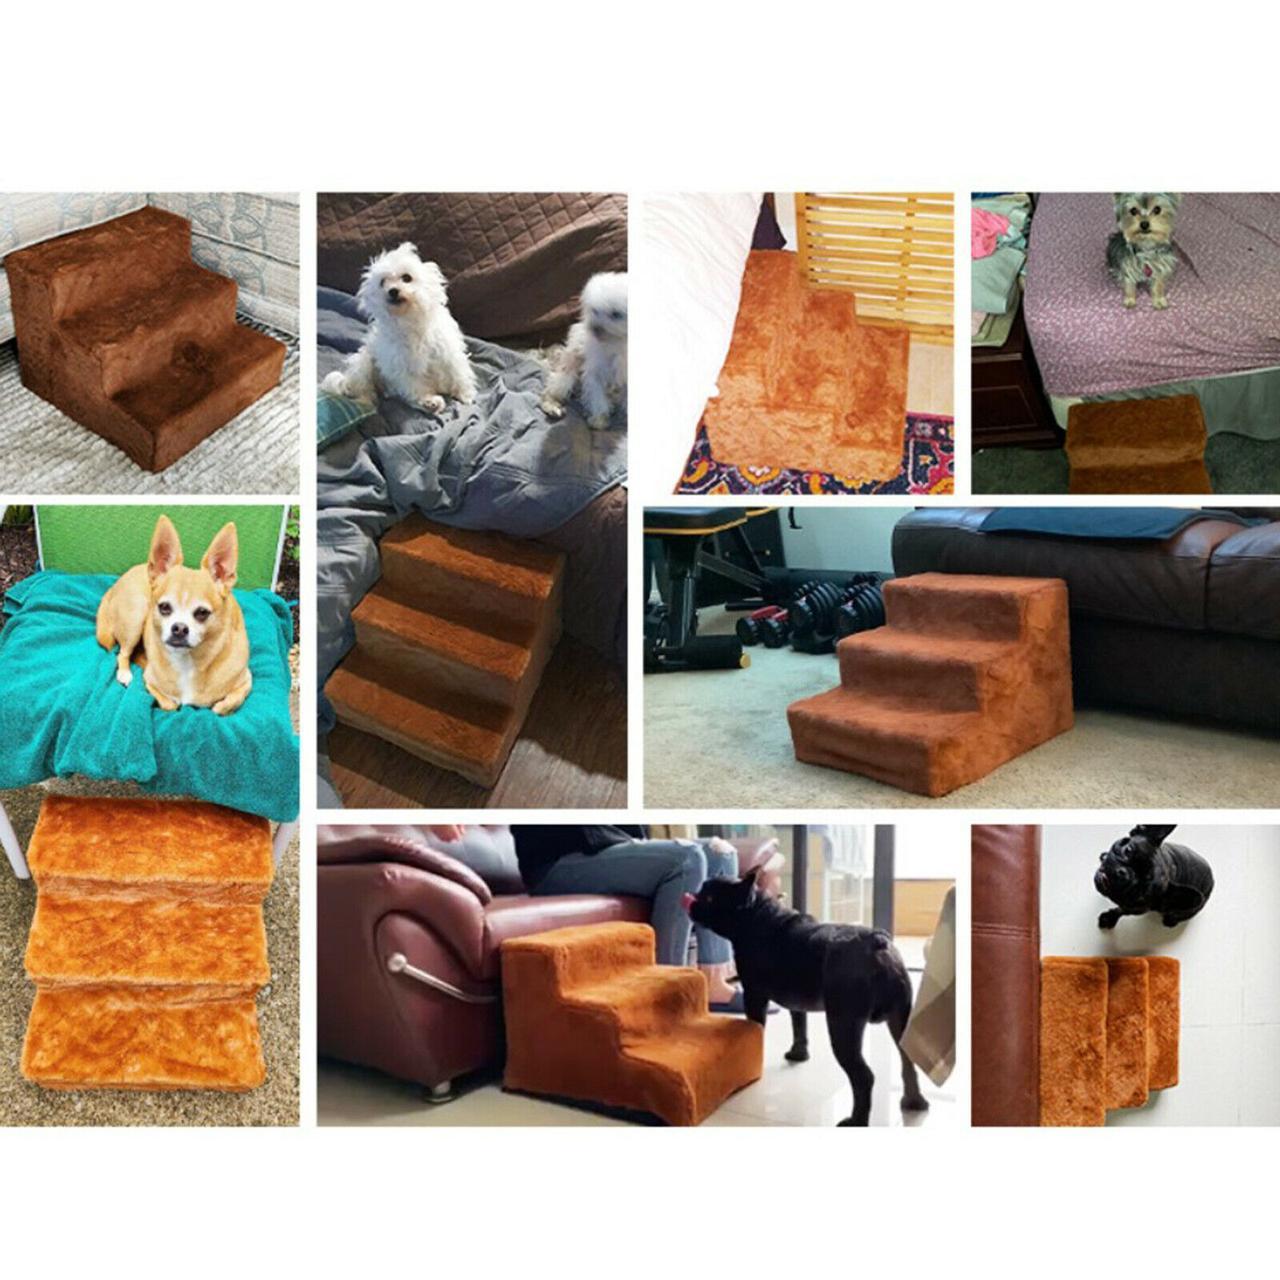 Лесенка для собак, лесенки и ступеньки для собак, пандус ступеньки для собак,ступеньки,лесенки